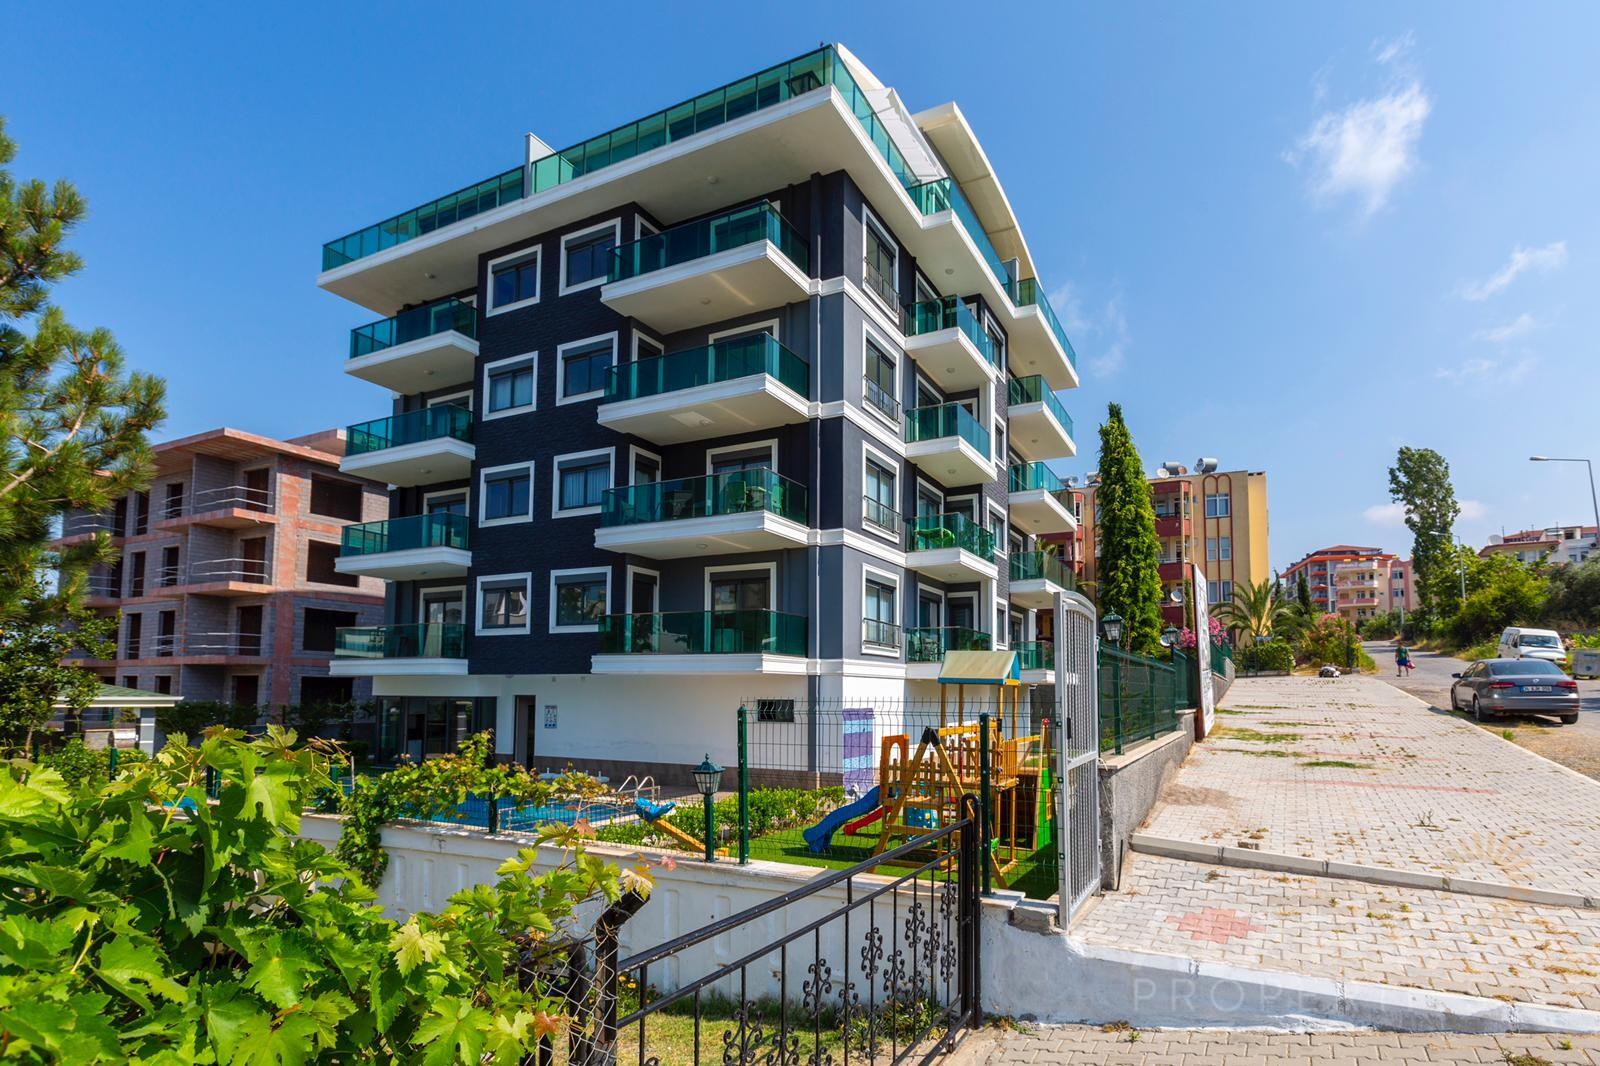 Charmant appartement - volledig gemeubileerd 350 m van het strand in Avsallar, Alanya